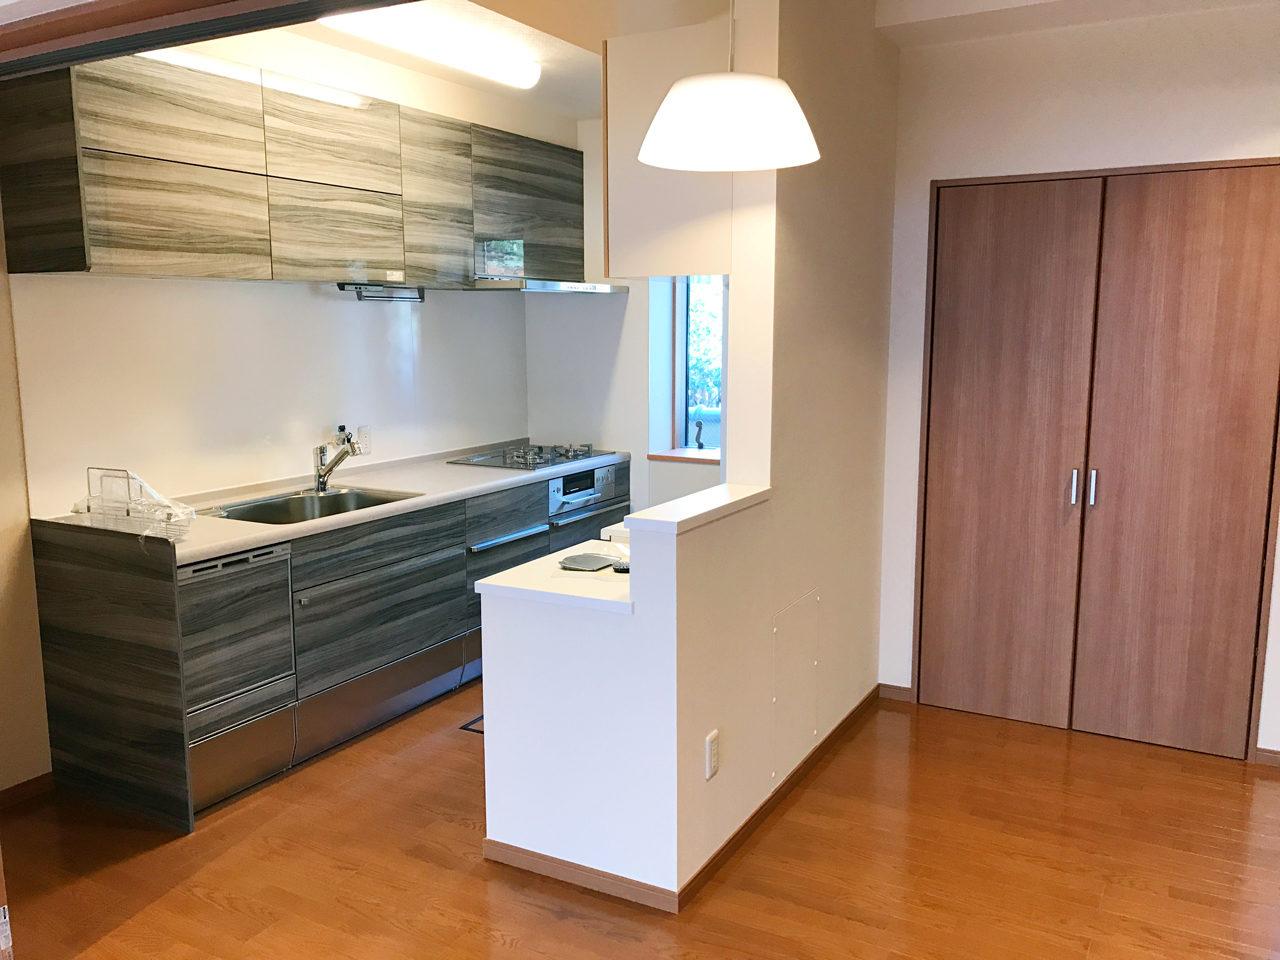 設計・デザインをさせていただいた木造平屋建てバリアフリー住宅の施主支給システムキッチン